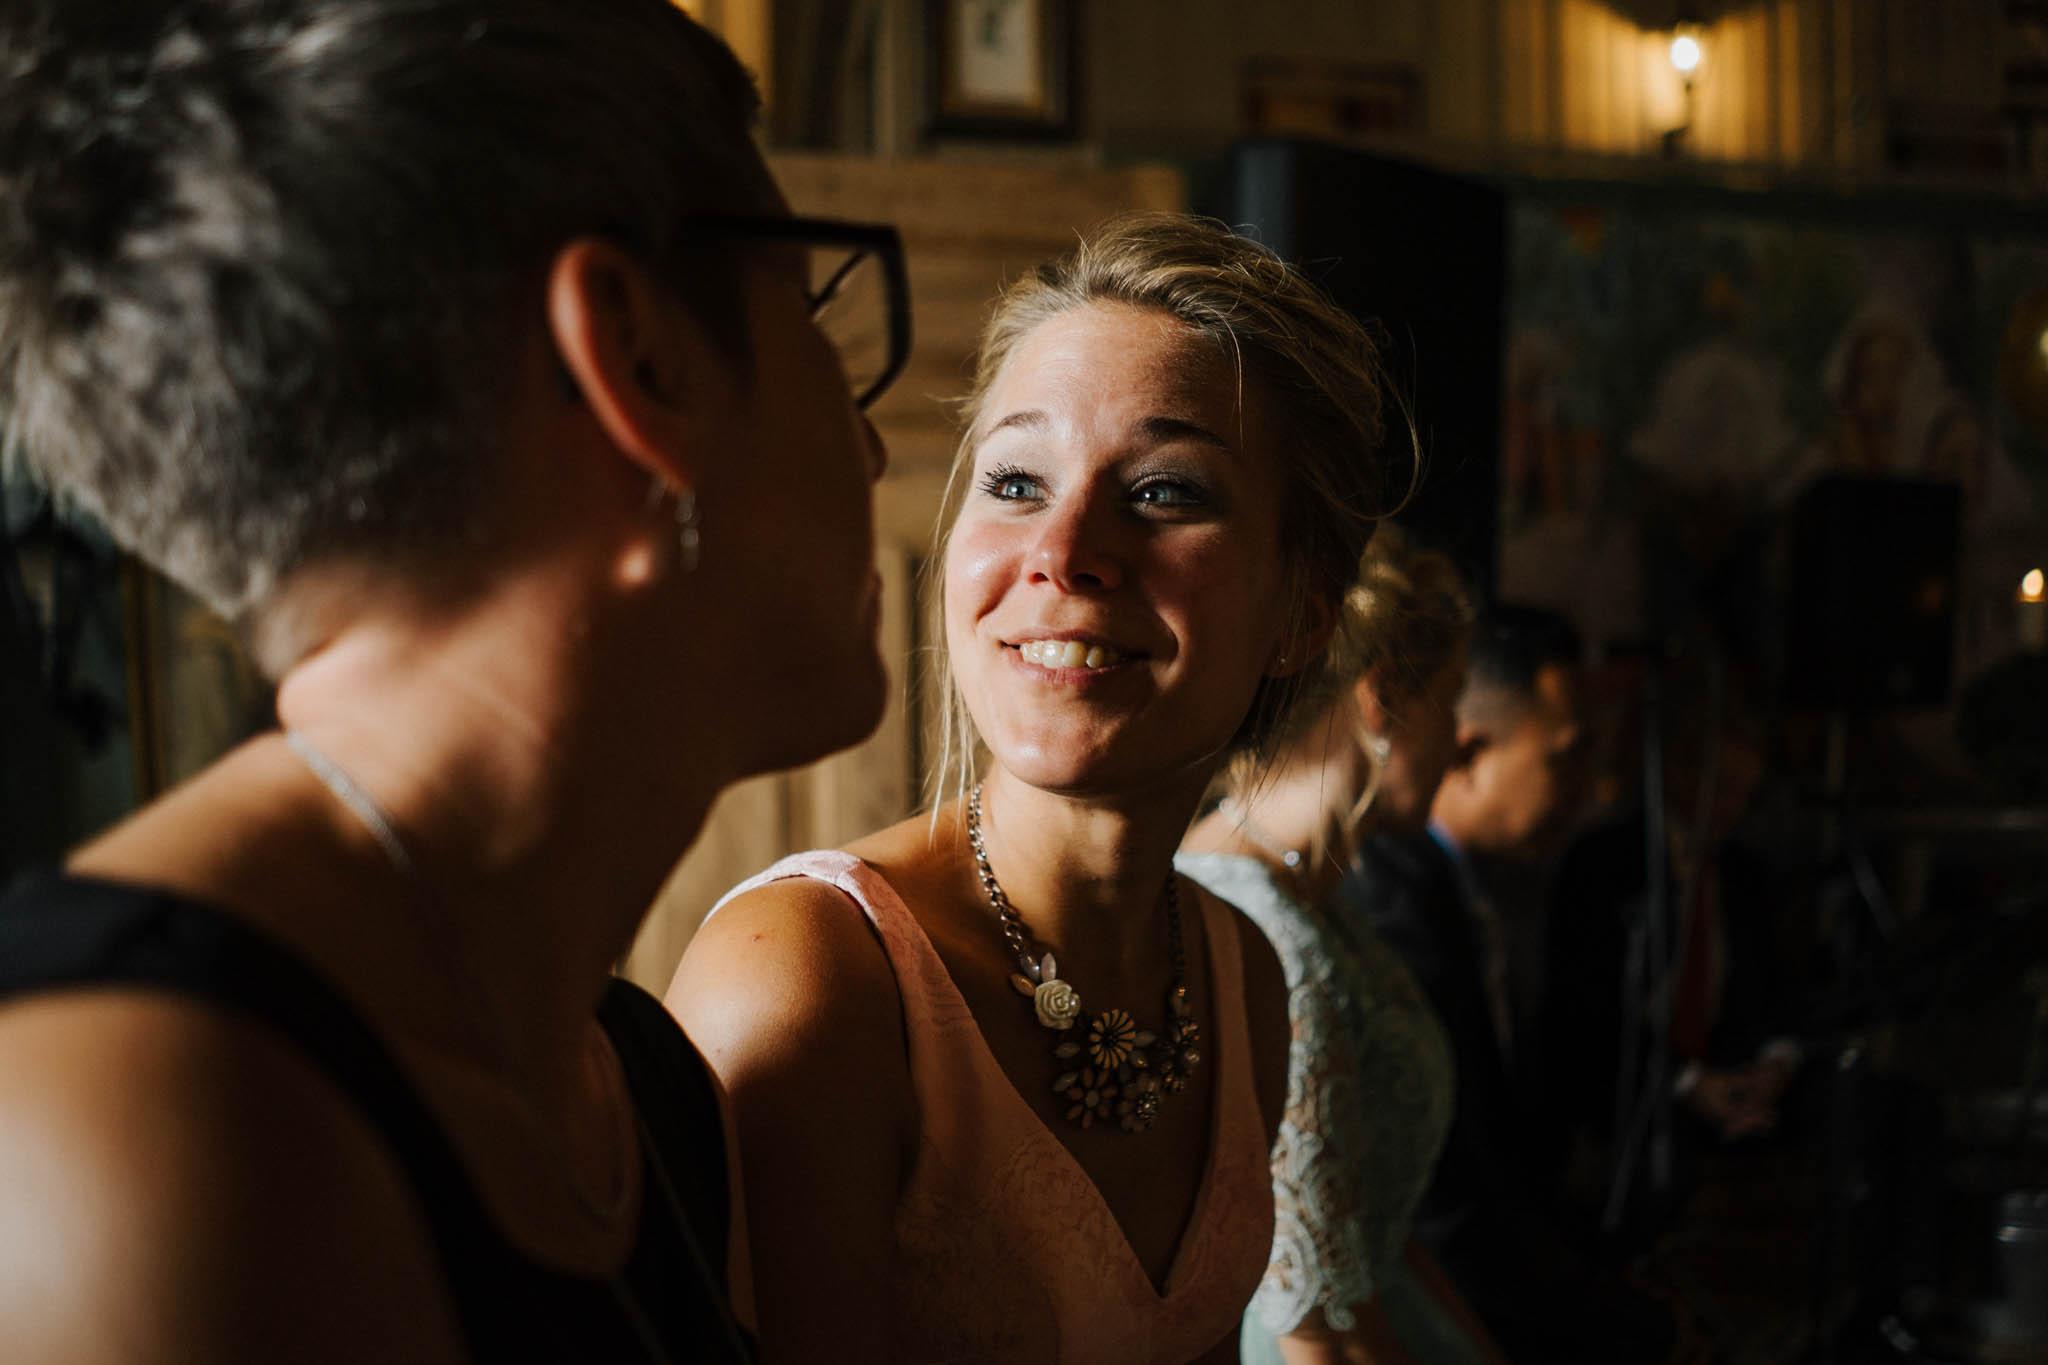 Hochzeitsfieber by Photo-Schomburg, Hoichzeitsfotograf, Hamburg, Wedding, Weddingtime, Hochzeitspaar, Braut, Bräutigam, Hochzeit im Norden,-49